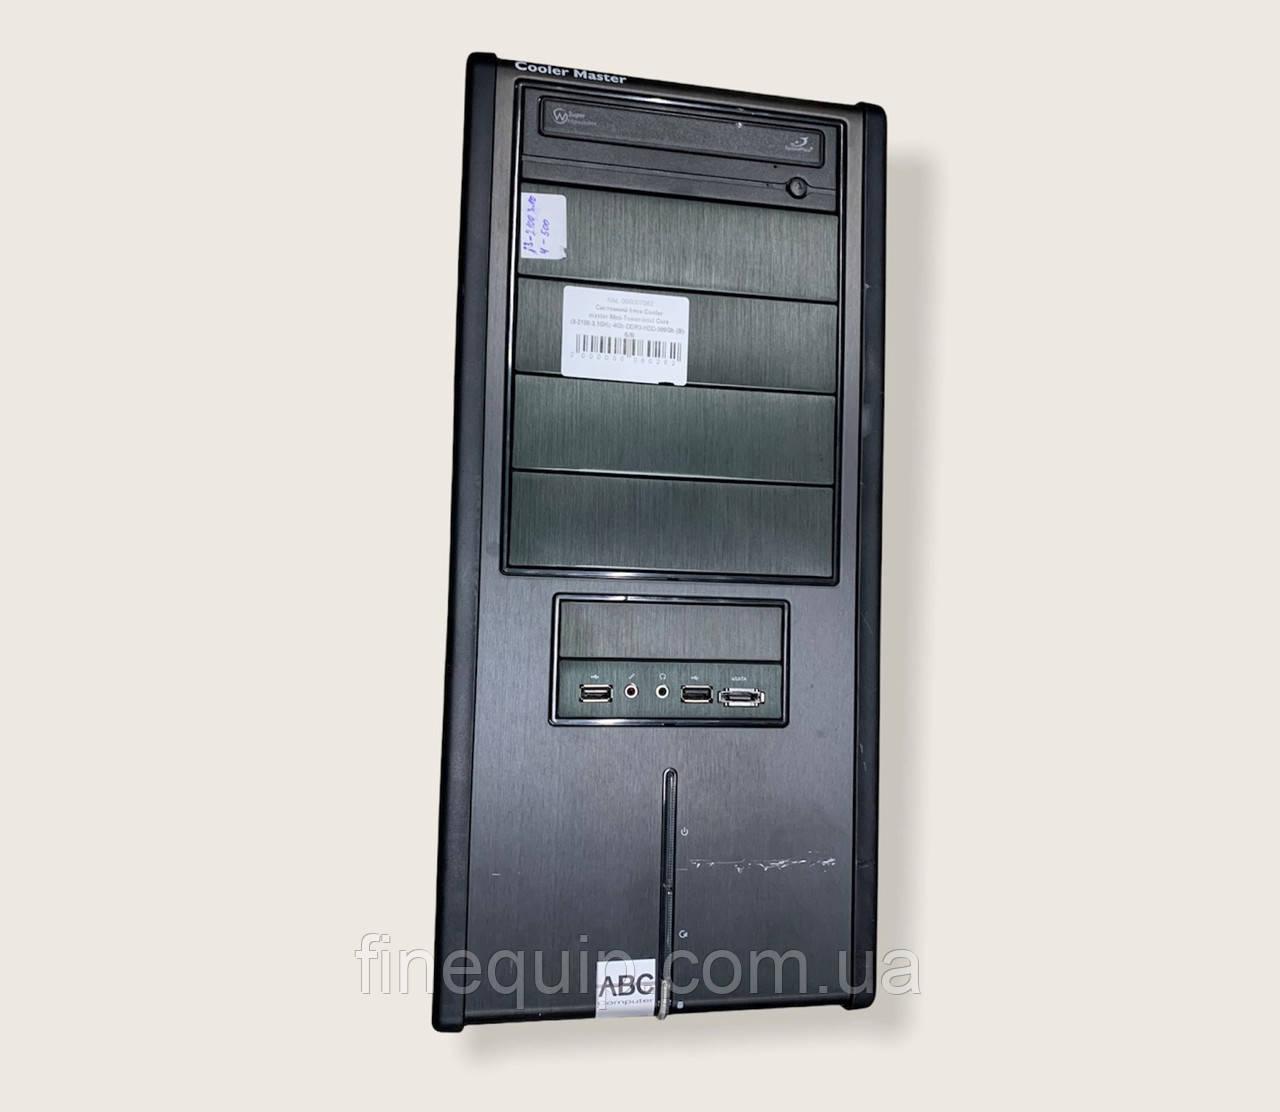 Системний блок-Cooler master-Mini-Tower-Intel Core i3-2100-3,1GHz-4Gb-DDR3-HDD-500Gb-(B)- Б/В